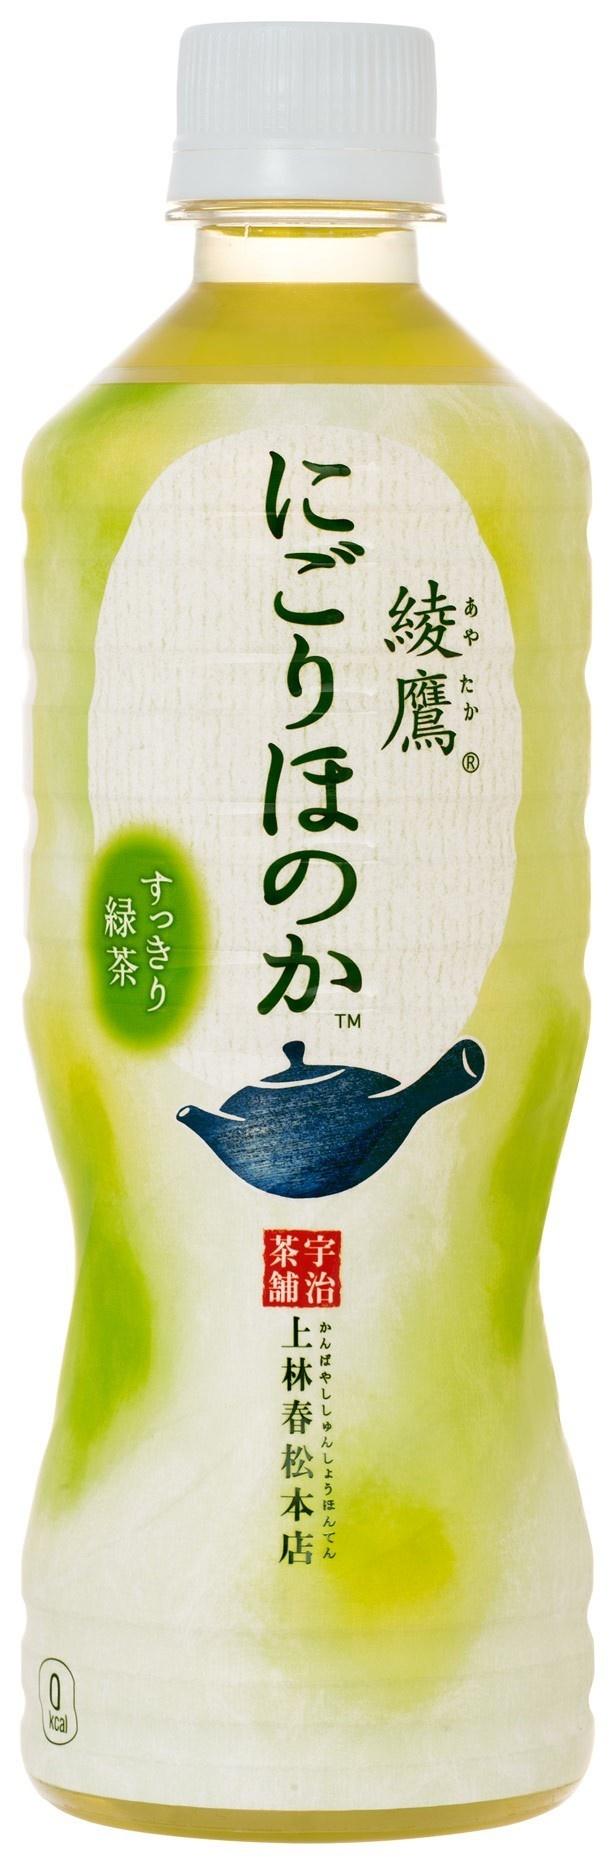 新商品の「綾鷹にごりほのか」(希望小売価格・税抜140円/525mlペットボトル)。「綾鷹まろやか仕立て」と比べると、にごりを強調した味わいになっている